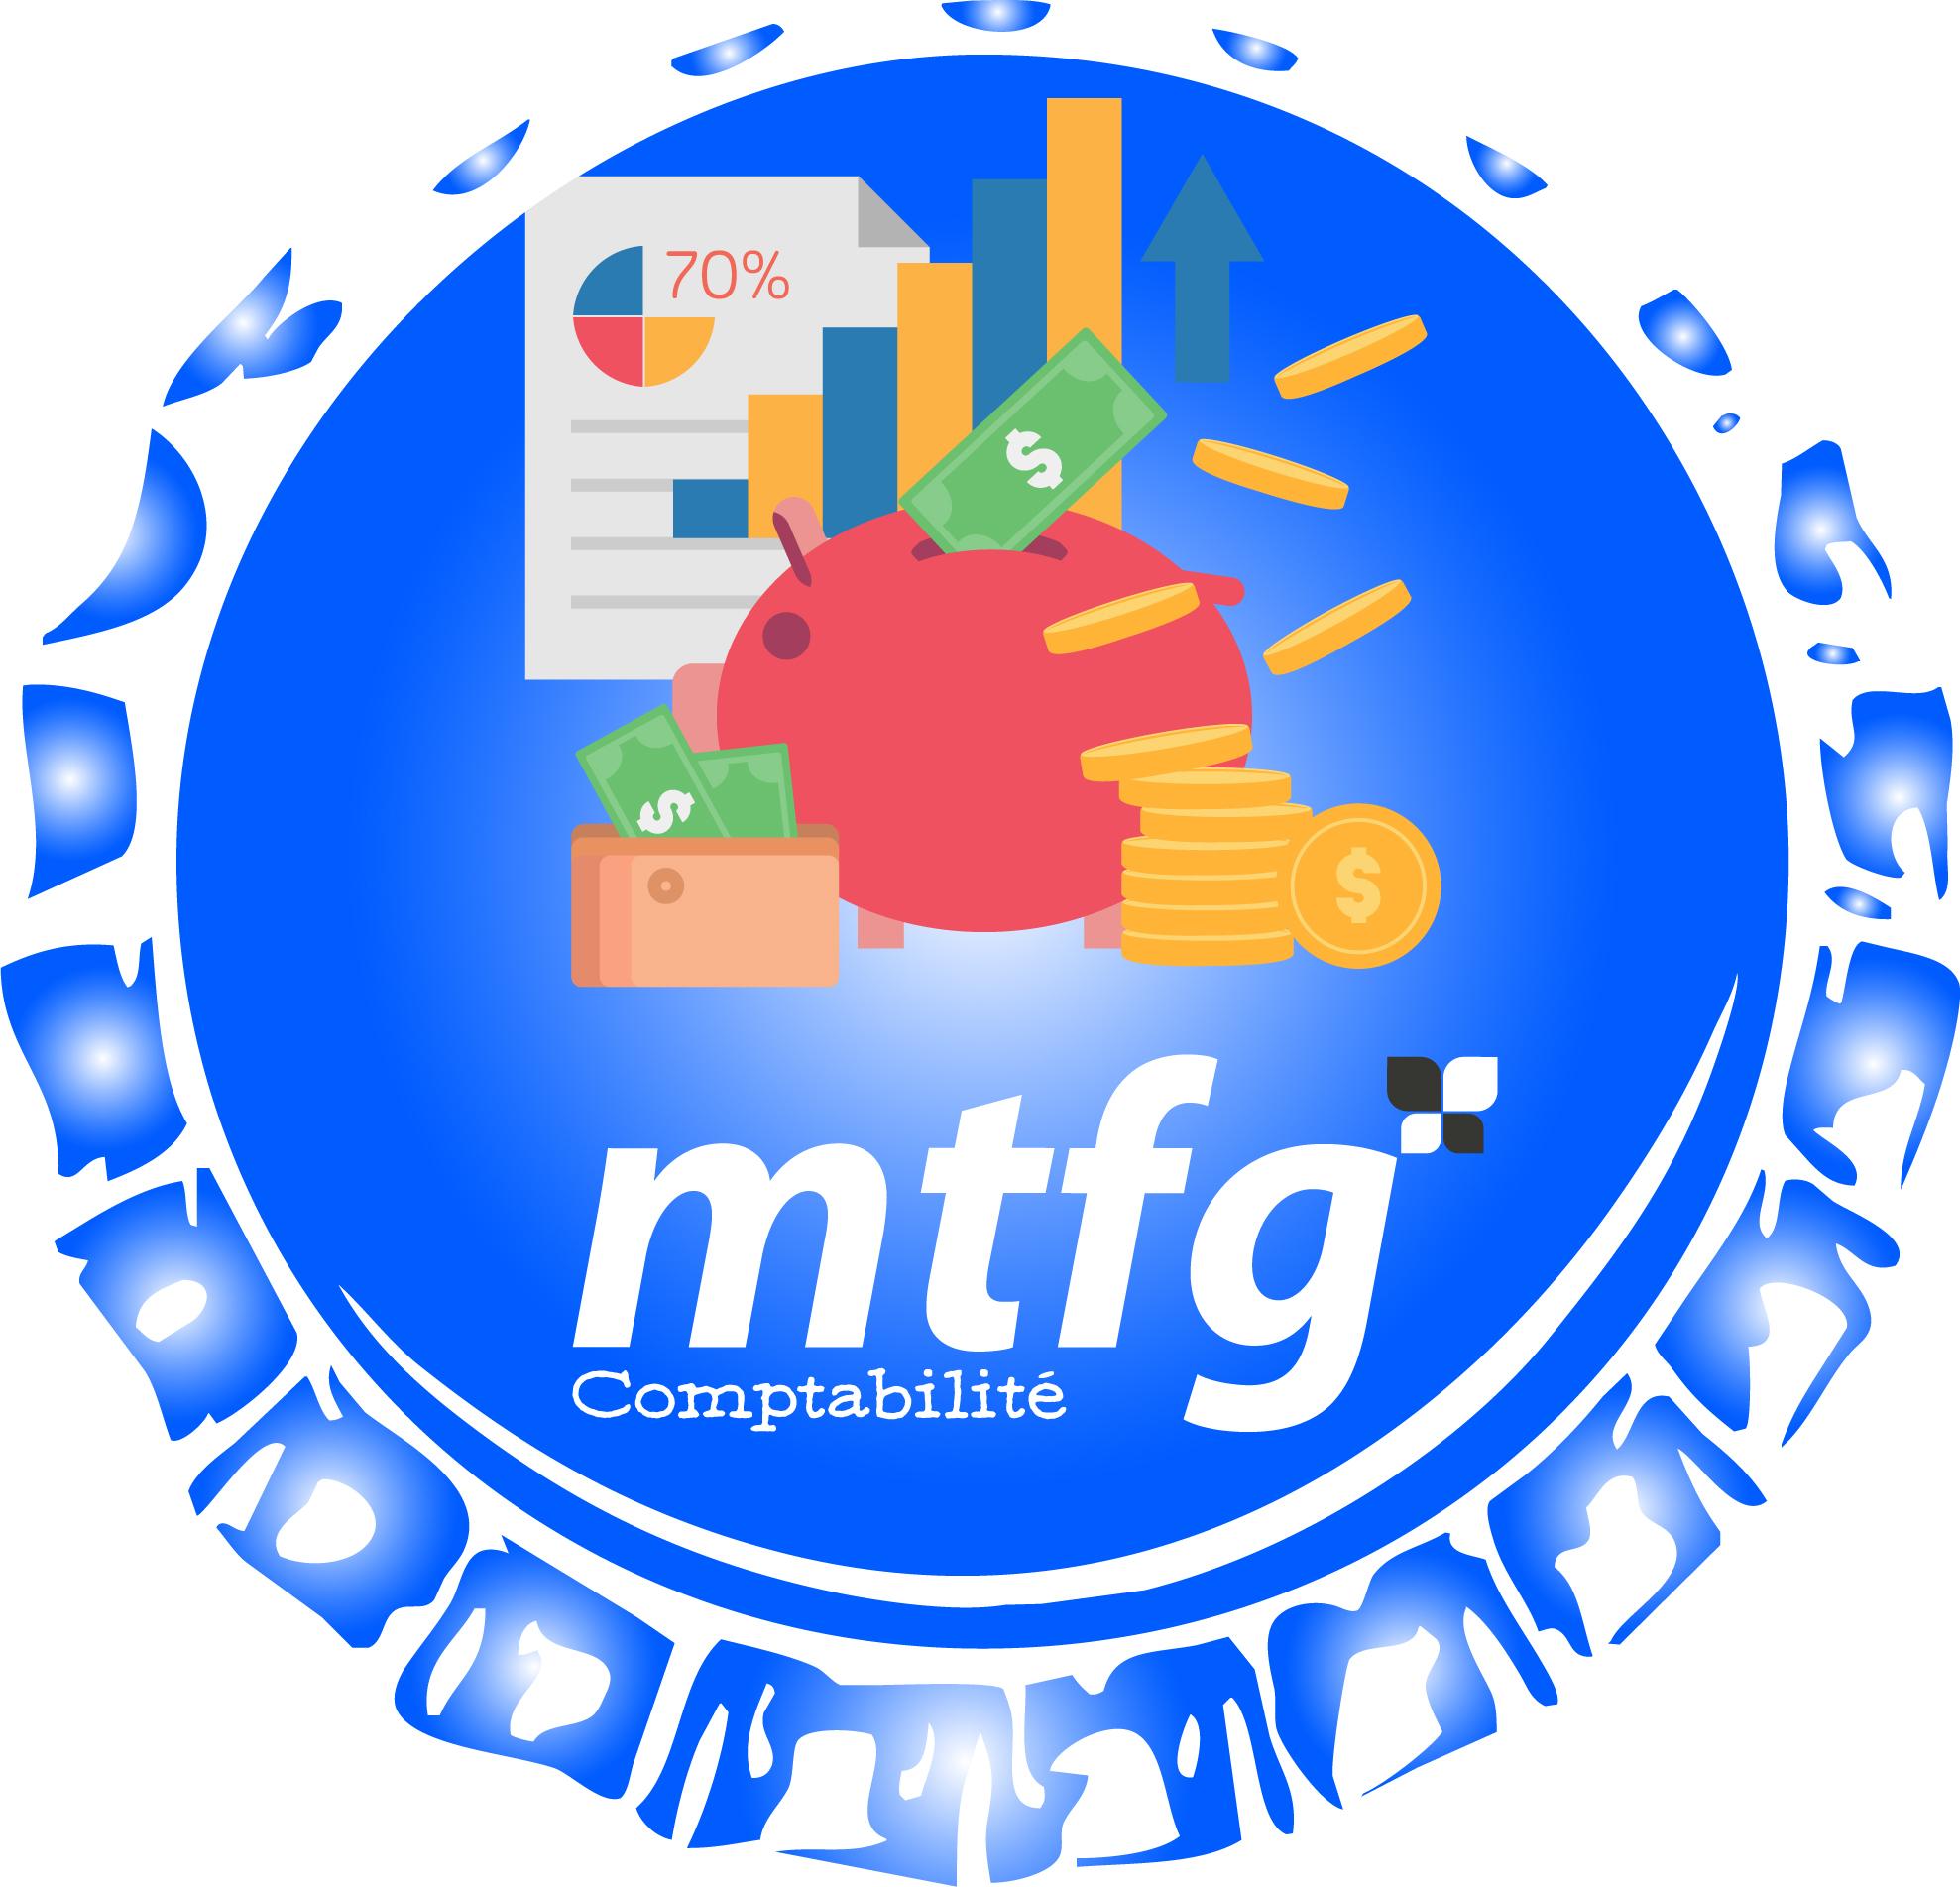 MTFG Comptabilité